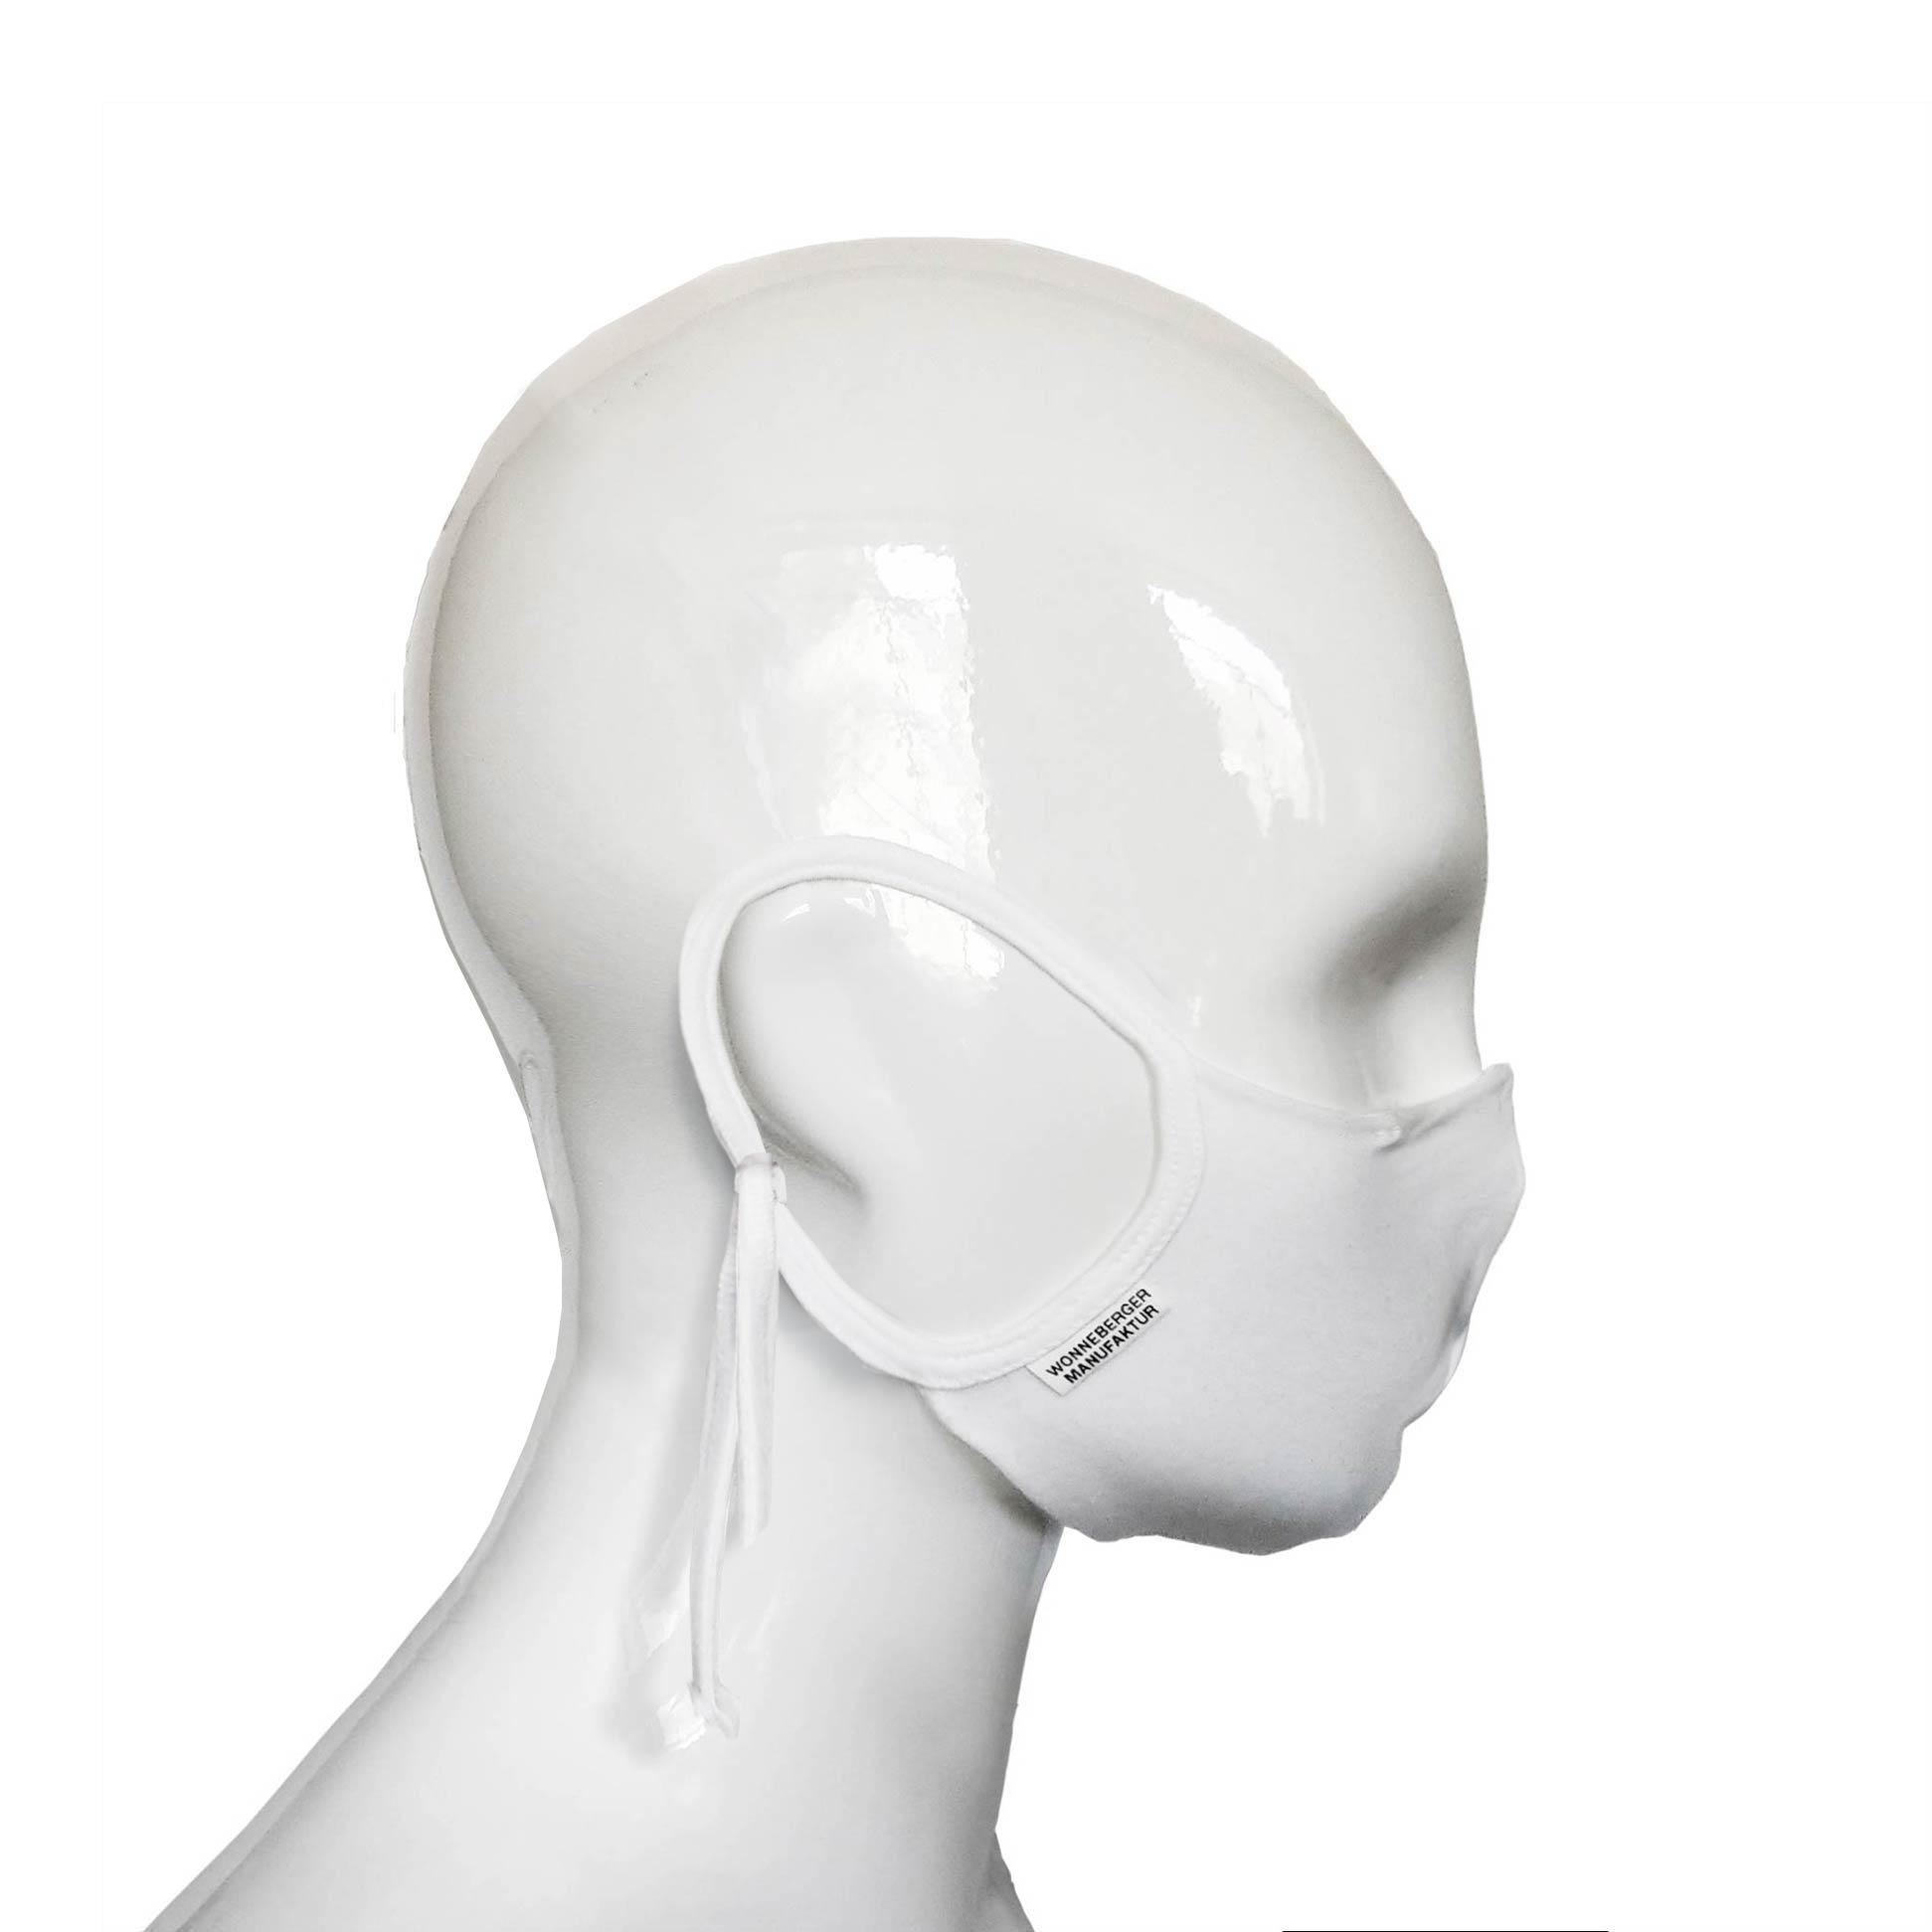 Die Baumwoll Tröpfchen-Fang Maske BWM4 von der Wonneberger Manufaktur ist eine textile Behelfsmaske, keine zertifizierte Mundschutz Maske. Sie schützt nur bedingt vor Ansteckung. Ihr eigentlicher Zweck ist es, den Atem des Trägers zu filtern und dadurch seine Umgebung zu schützen. Daher muss…